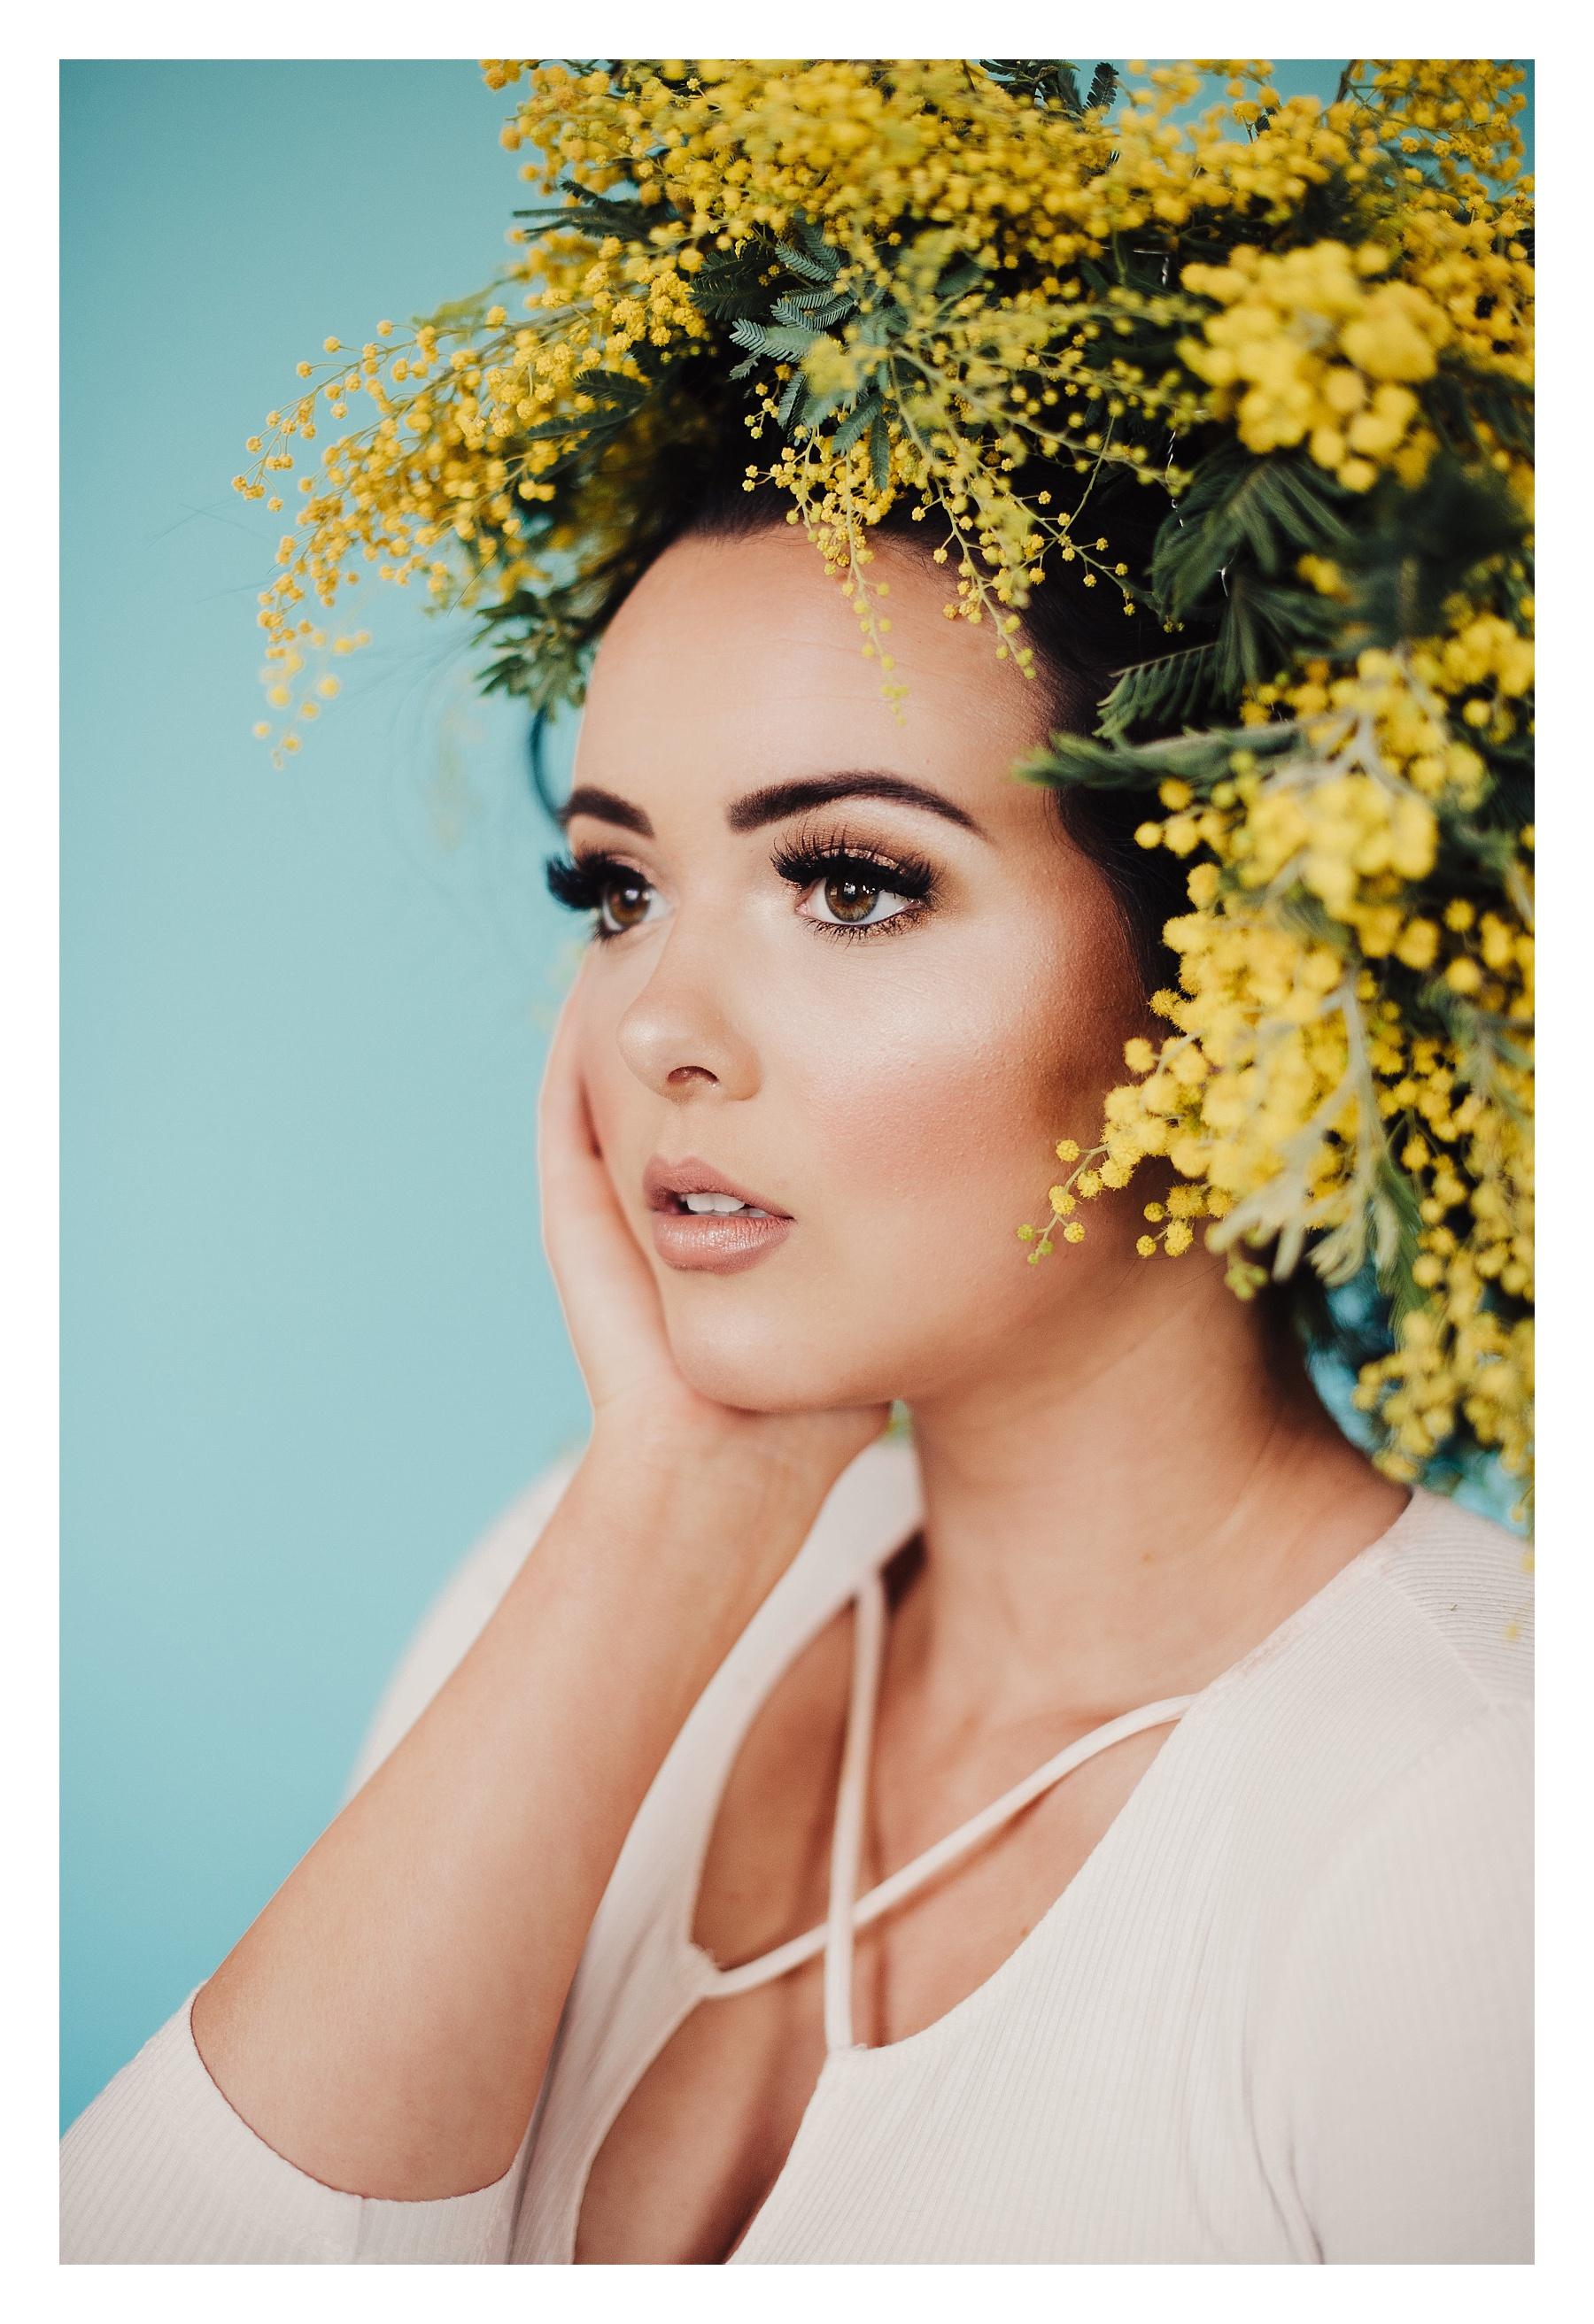 Creative-Headpeice-Florist_0741.jpg